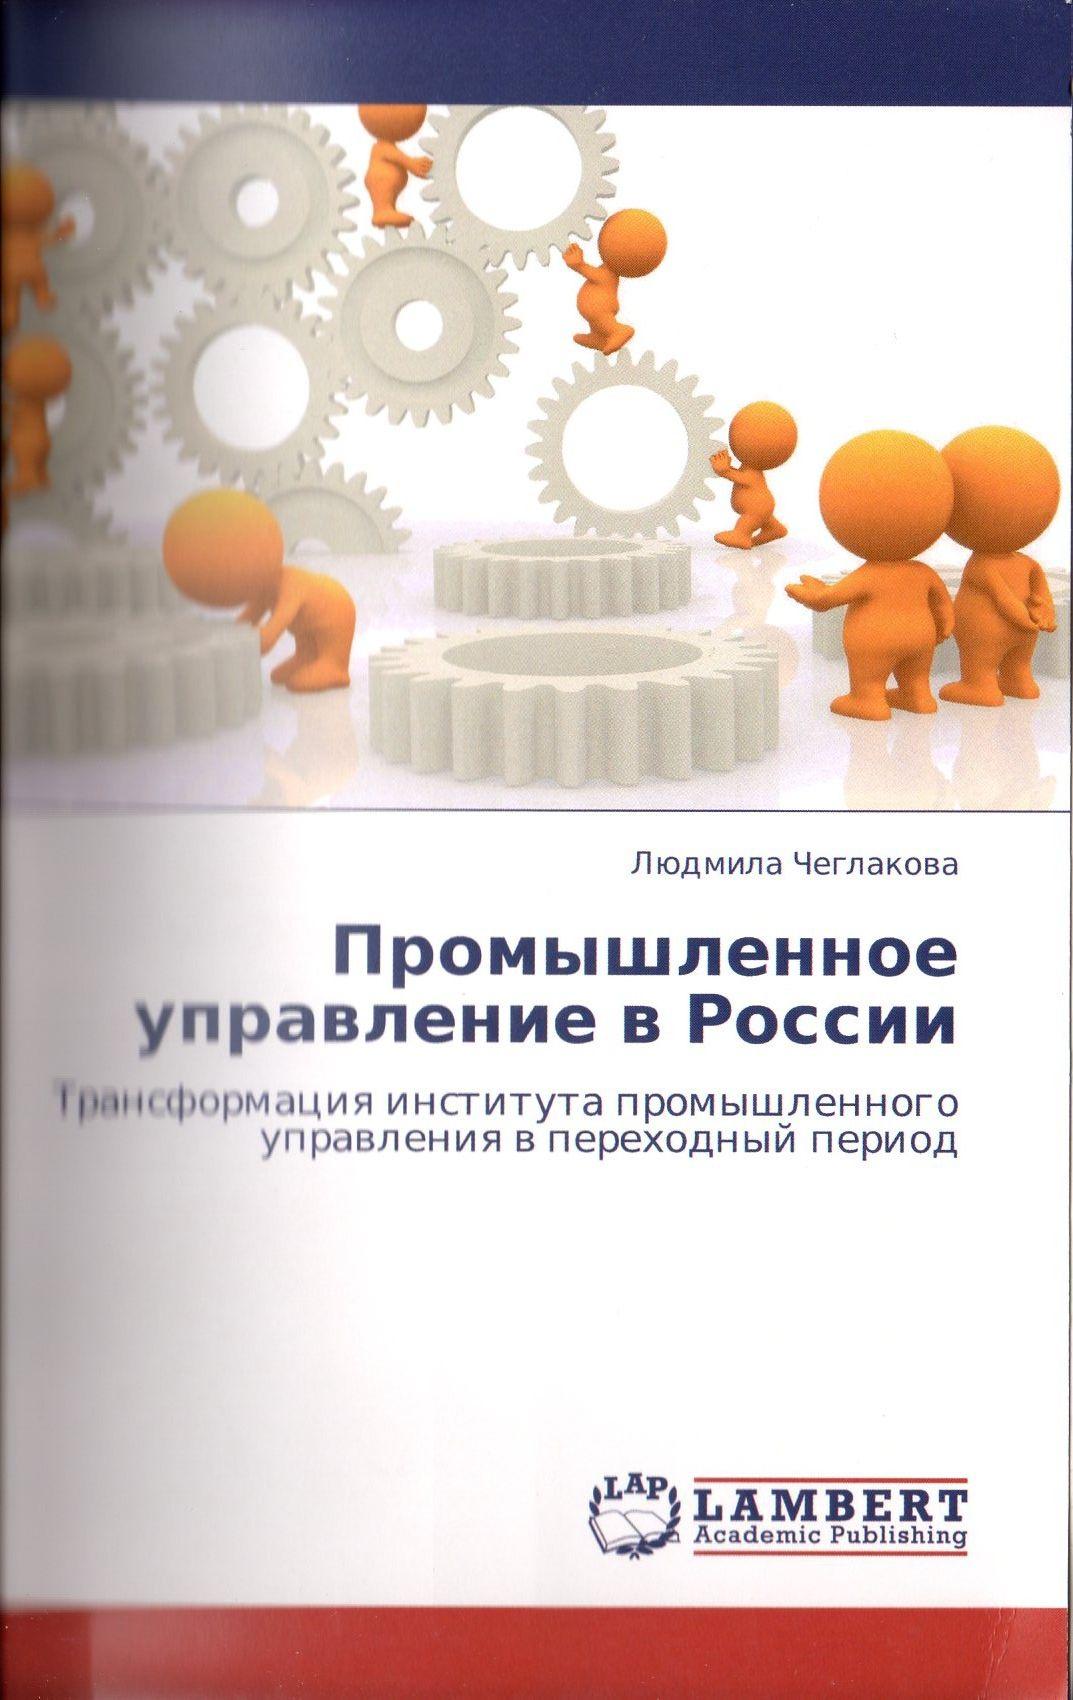 Промышленное управление в России: трансформация института промышленного управления в переходный период